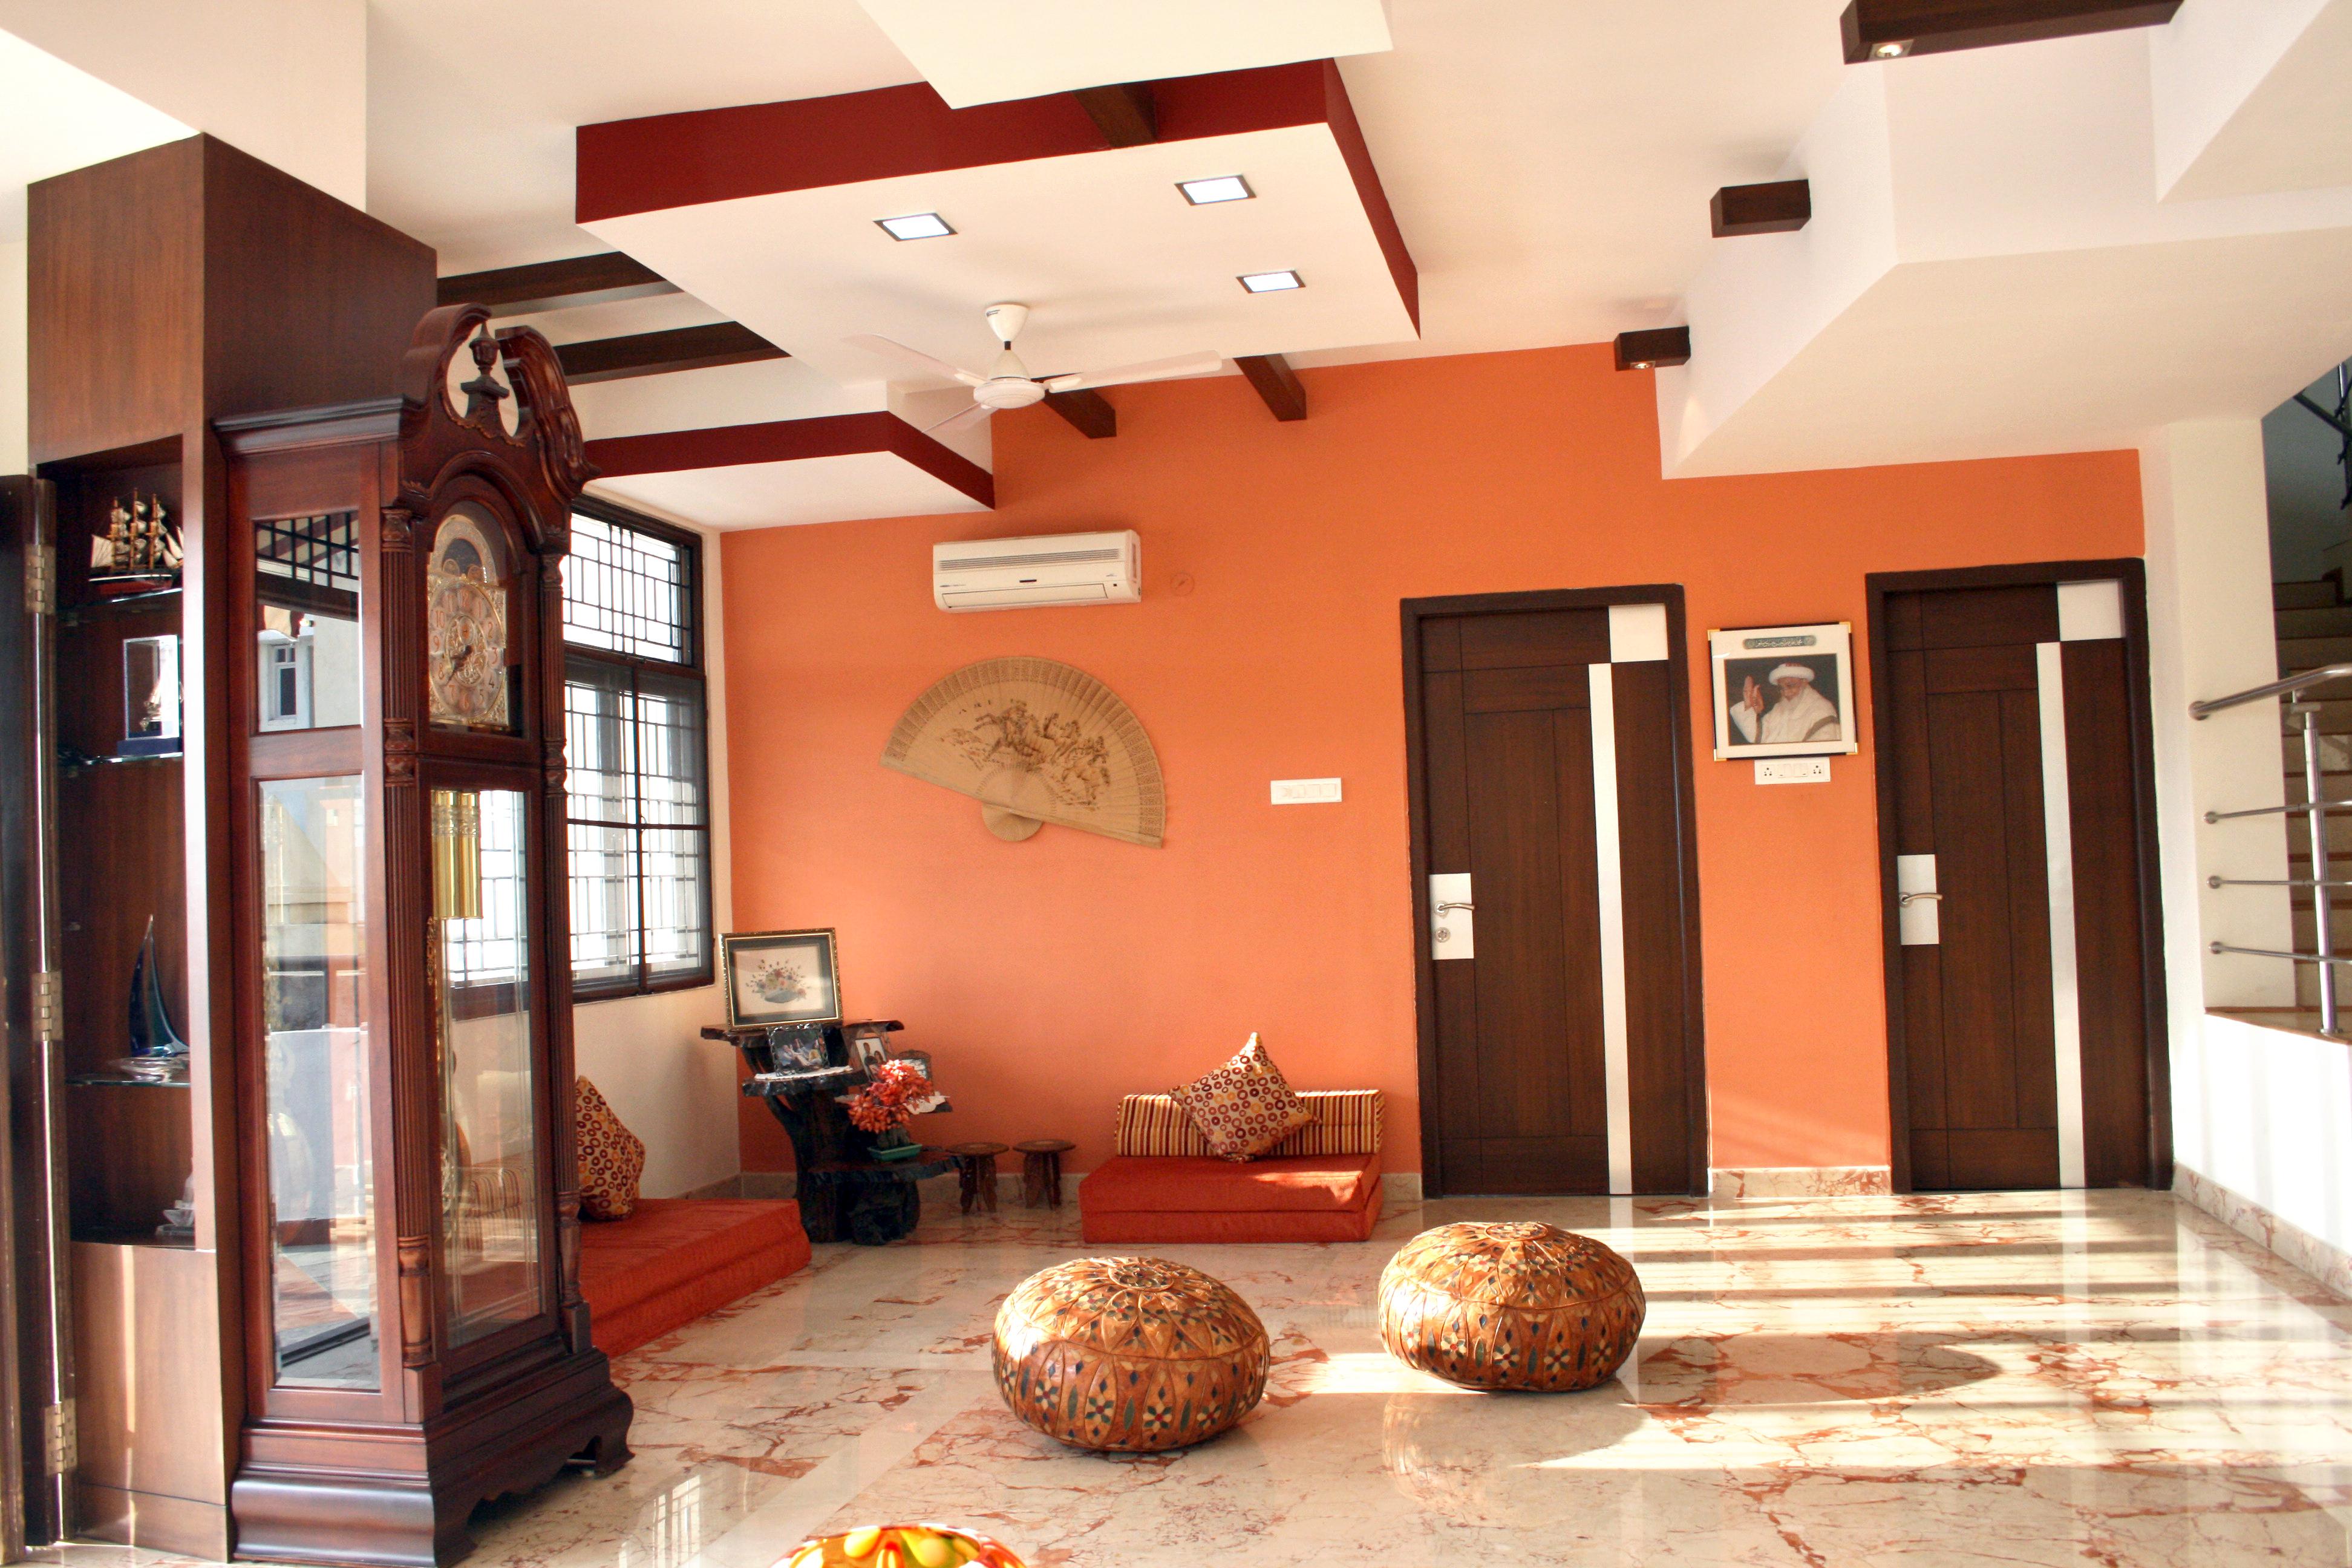 Residence of Jumana and Murtuza